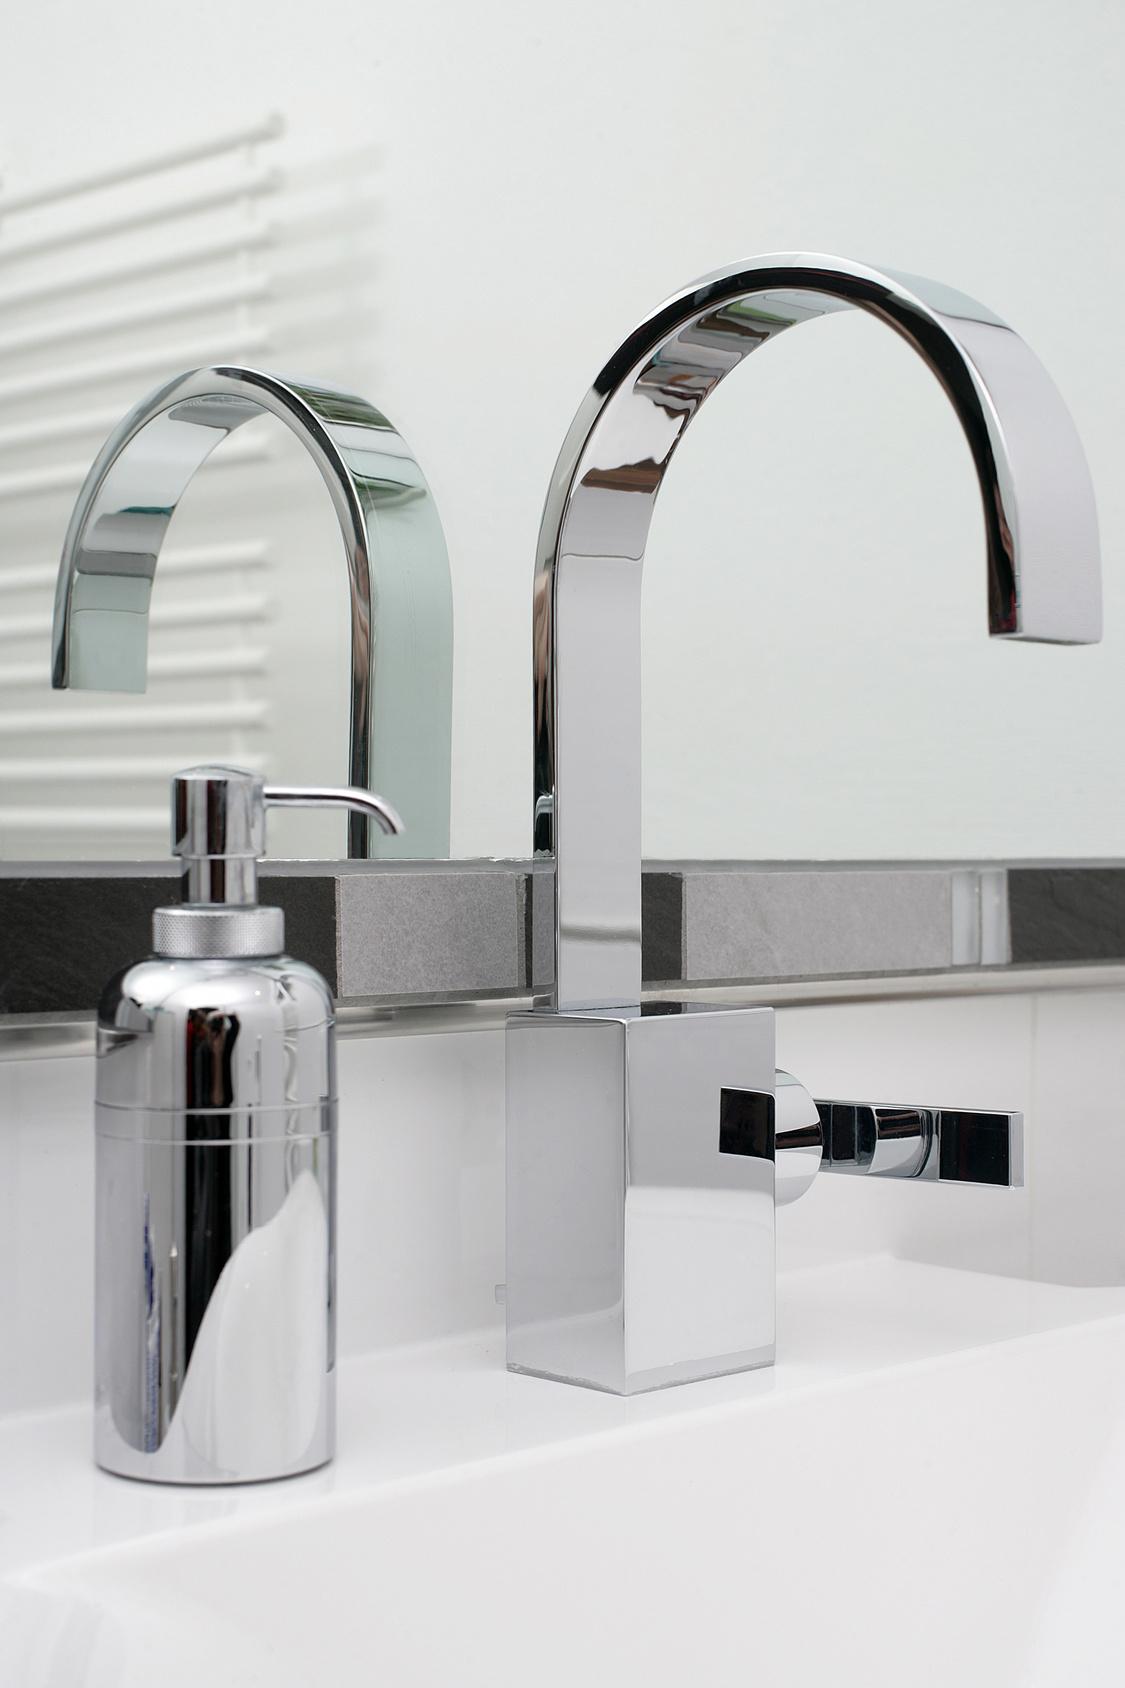 Ber hmt moderne badezimmer armaturen ideen die for Badezimmer armaturen design